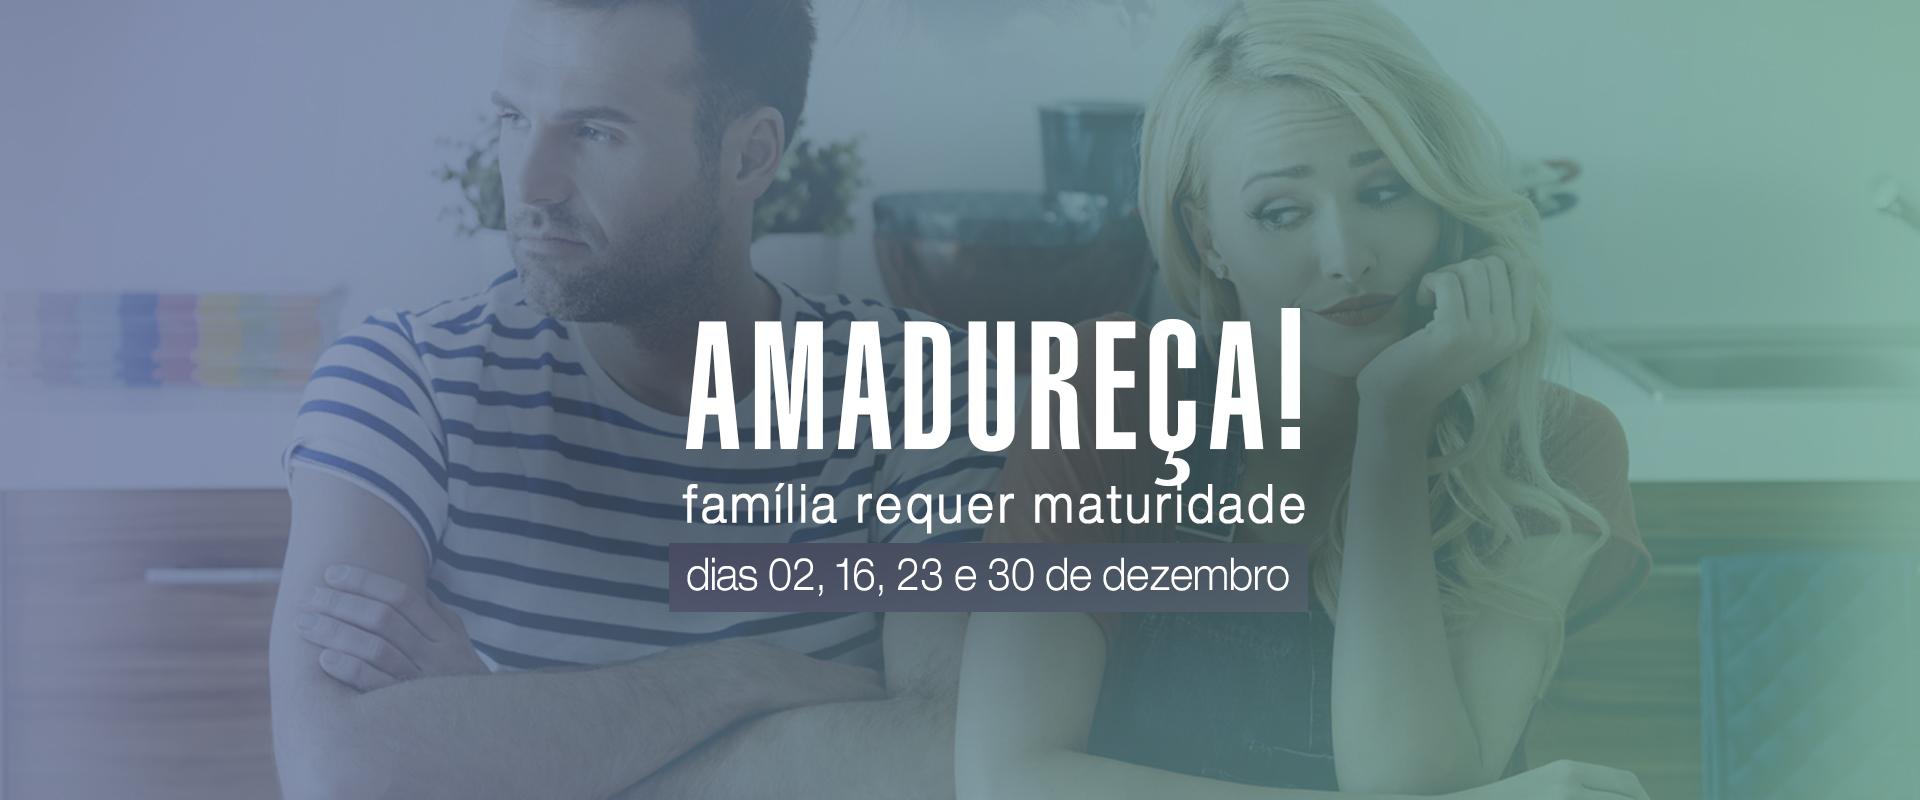 AMADUREÇA! FAMÍLIA REQUER MATURIDADE